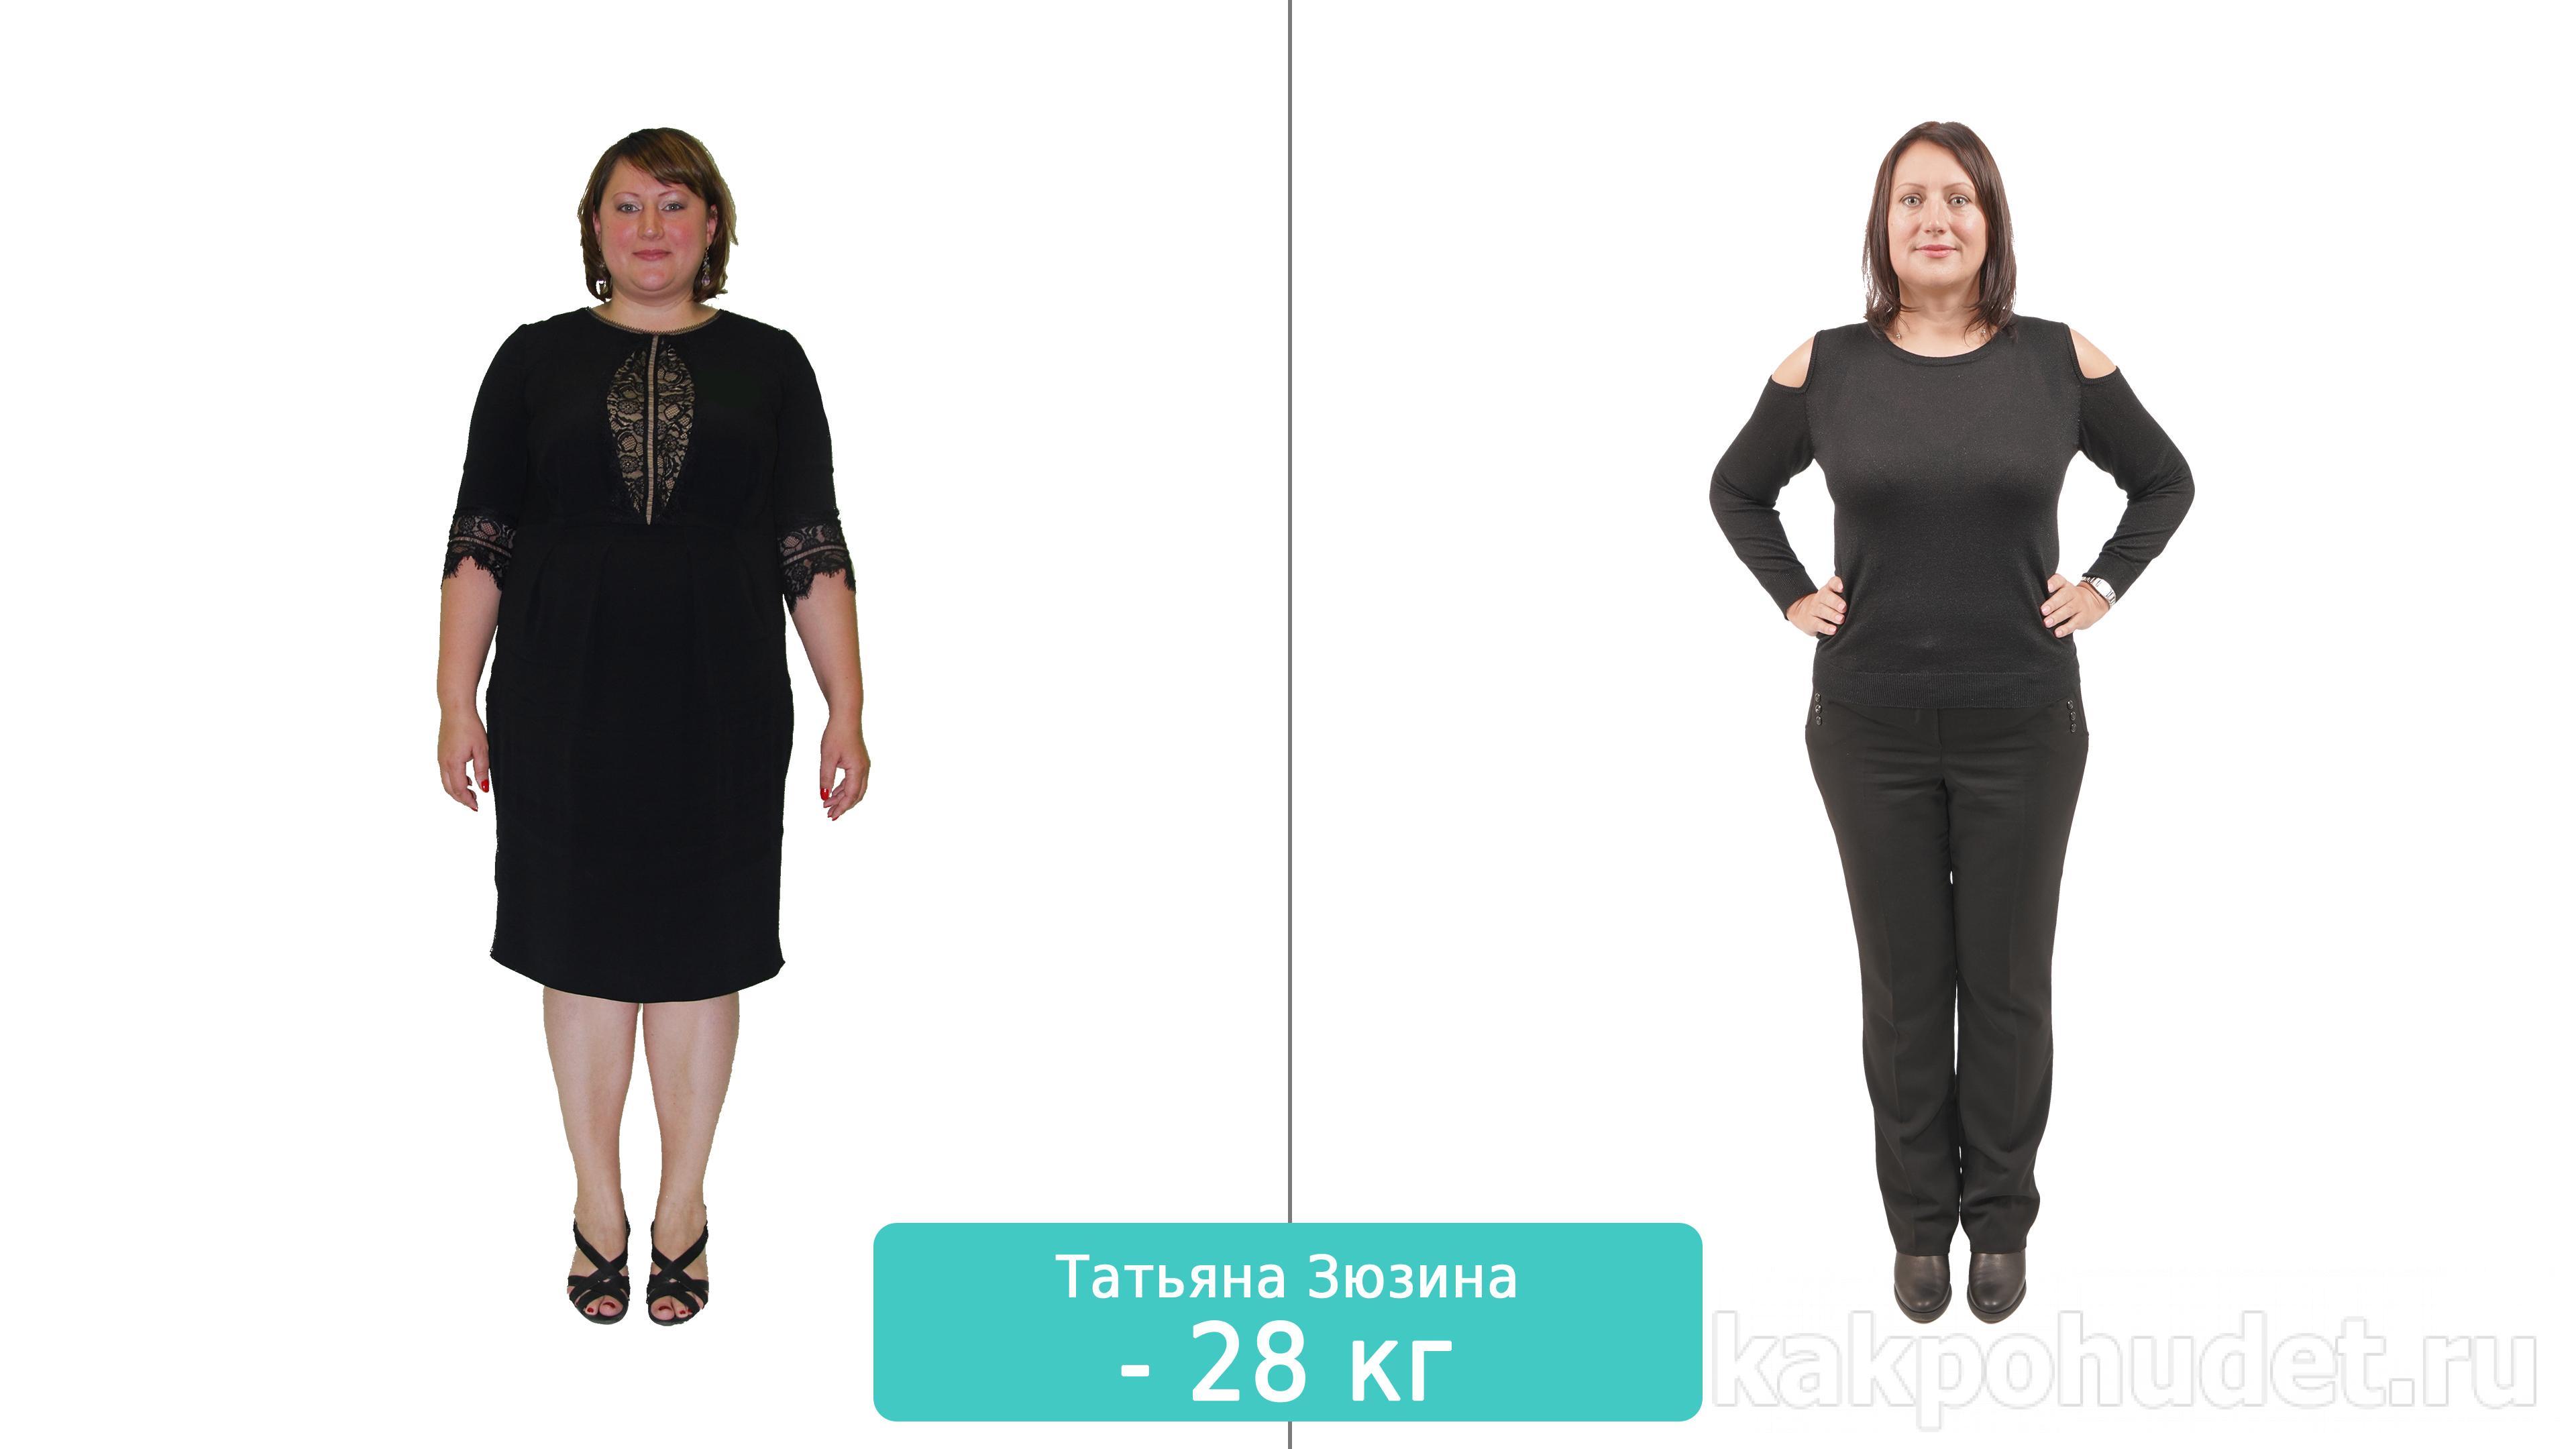 Она воспользовалась последним шансом похудеть и покорила Эльбрус!